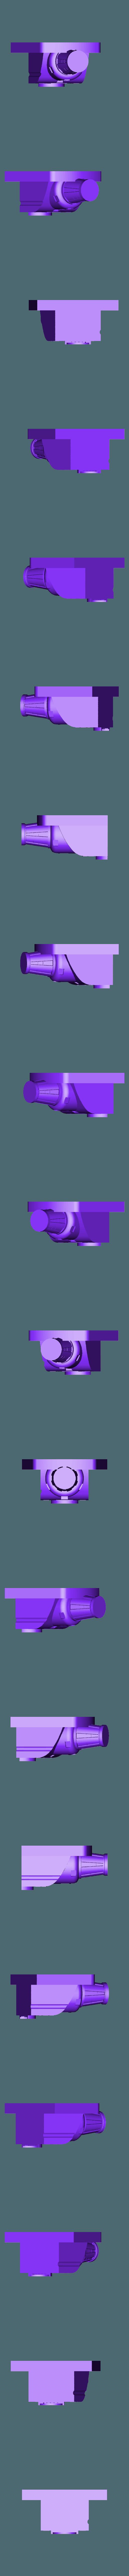 Building-Front-Main.stl Télécharger fichier STL gratuit Planète Express 3030 • Objet à imprimer en 3D, Piggie